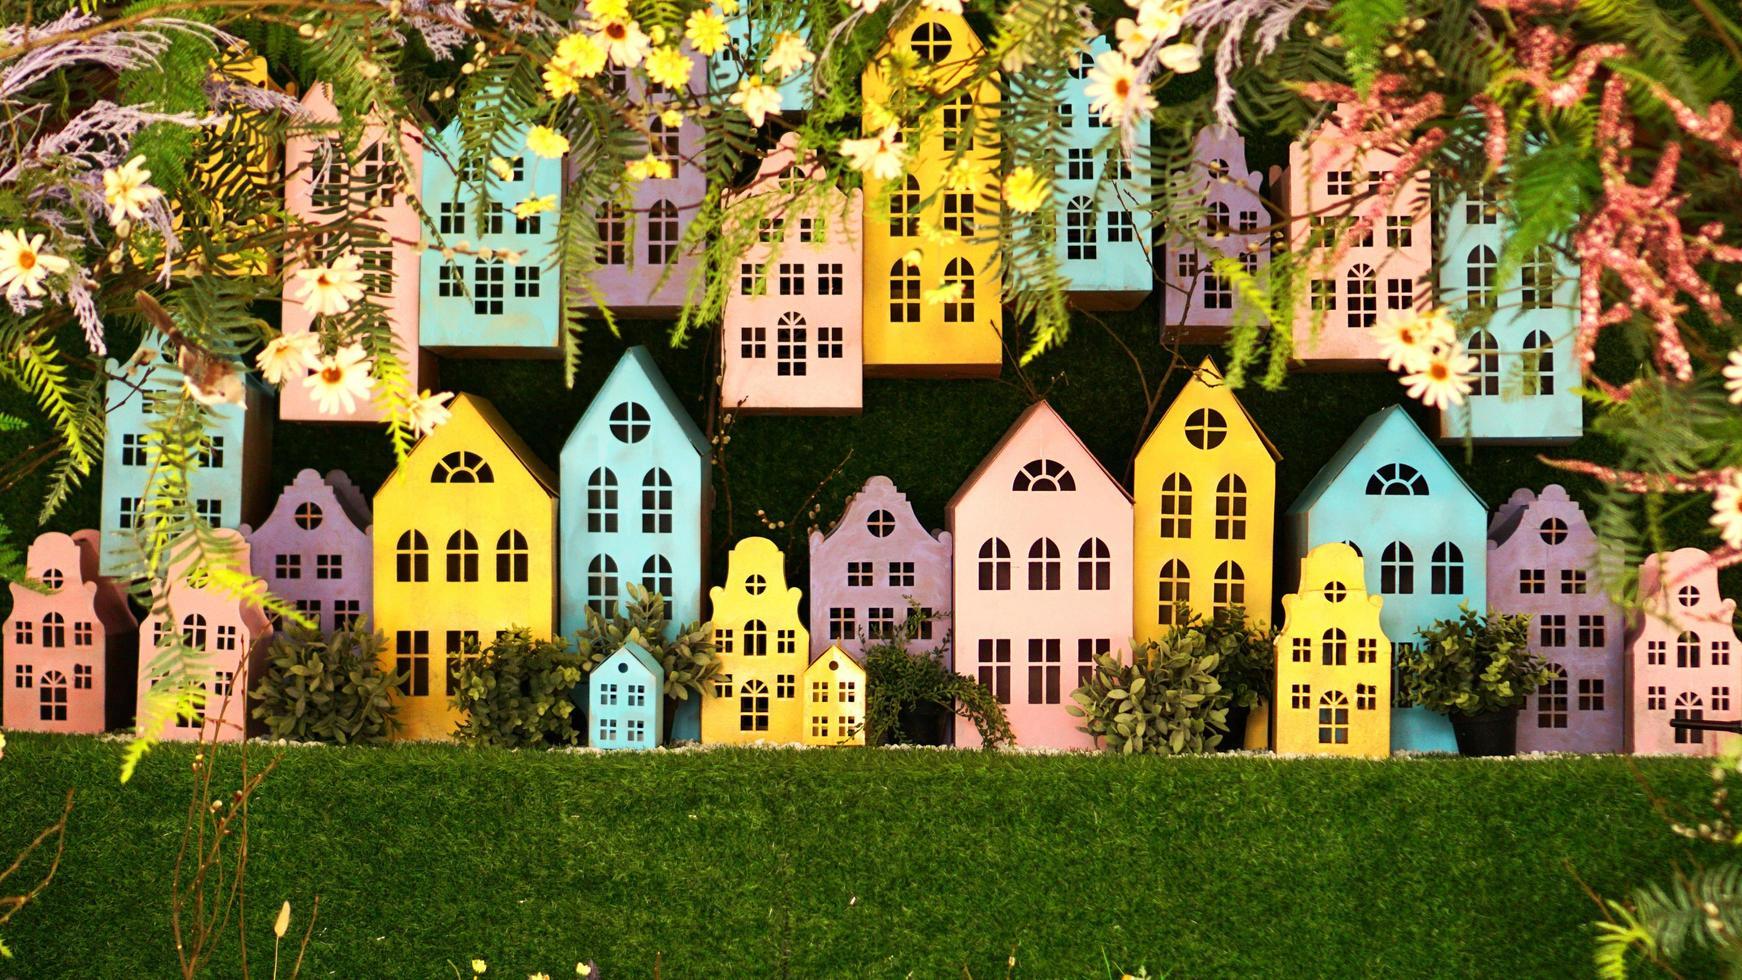 petites maisons colorées en carton faites à la main. photo